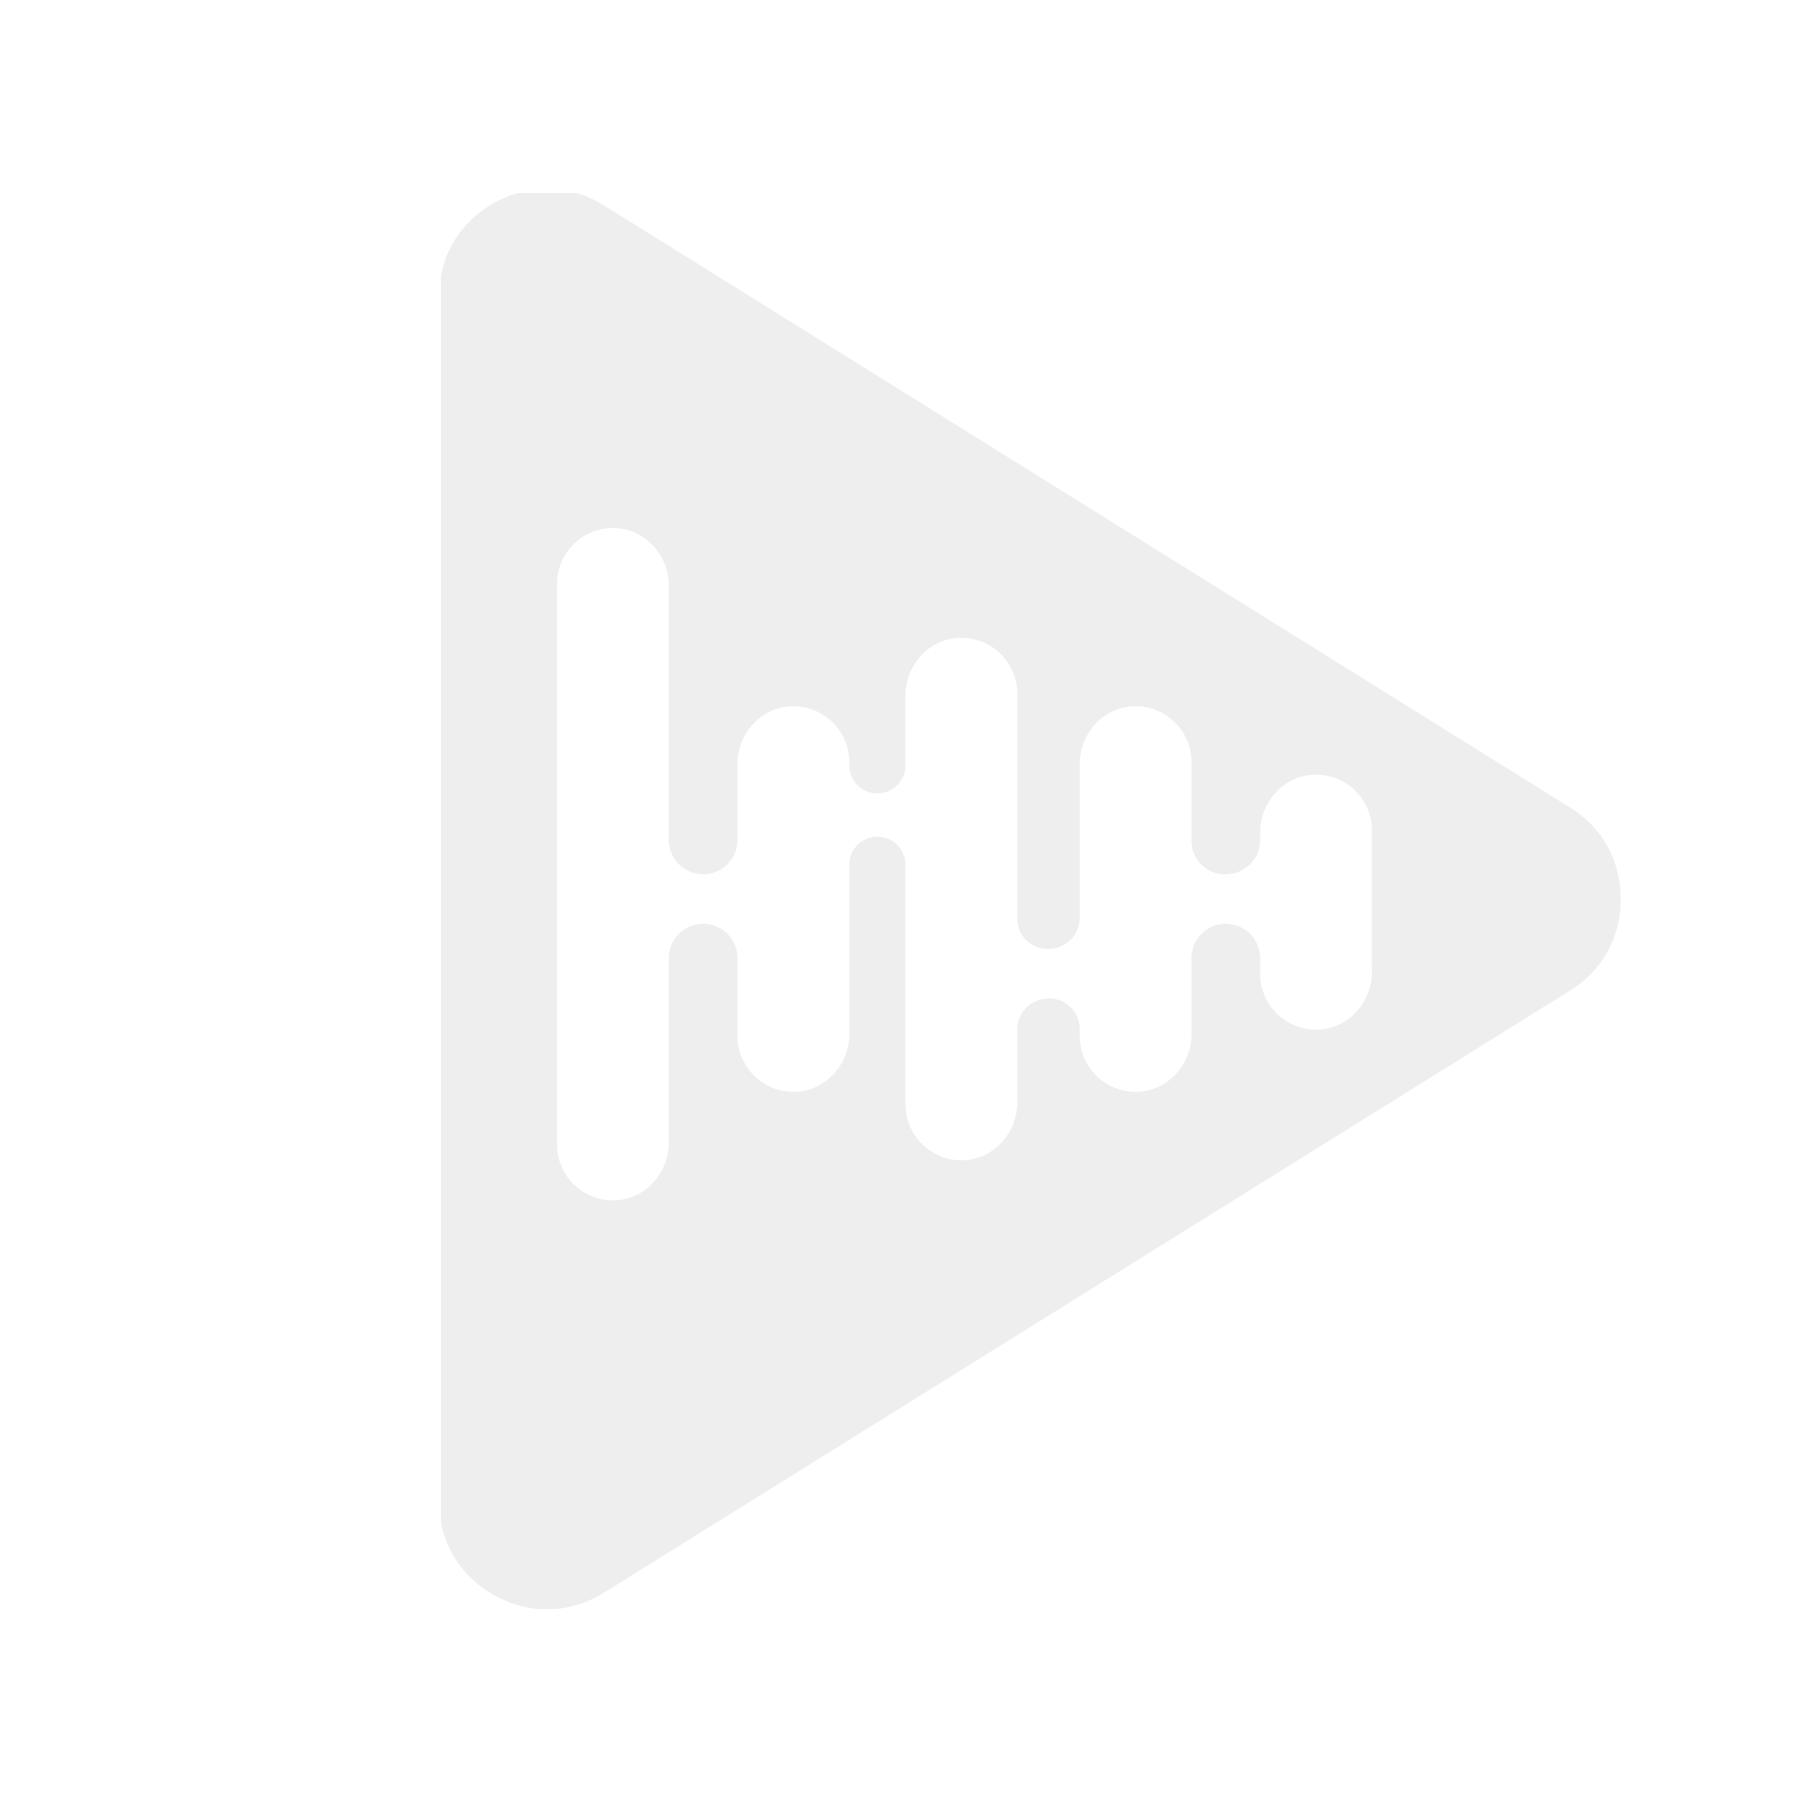 Hertz Hi-Energy 2W.10.4 - Delefilter til Hertz HSK 130.4/165.4 komponentsett, stk